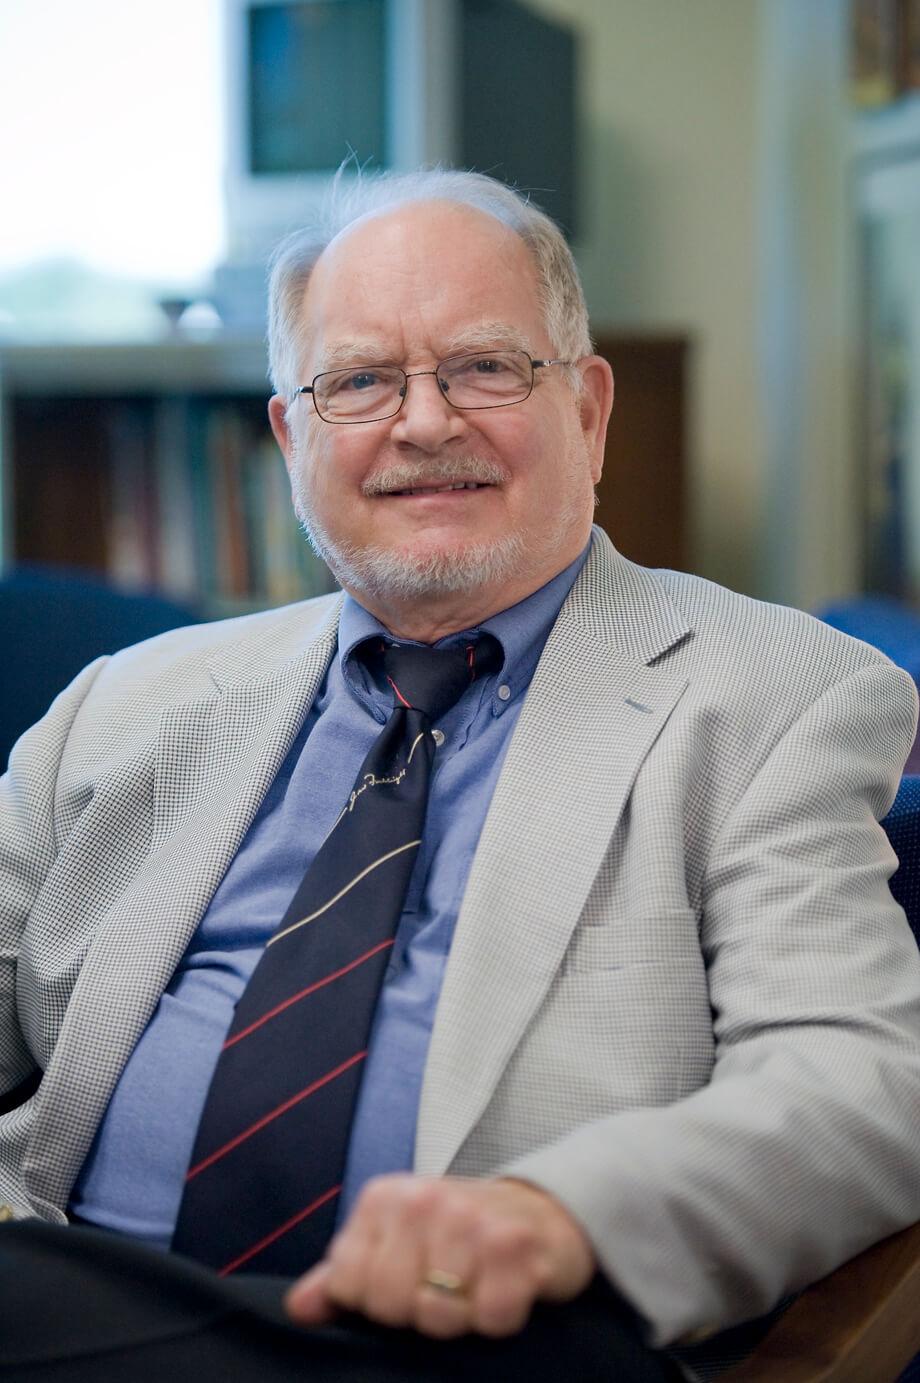 Dr. William Curtis Ellis